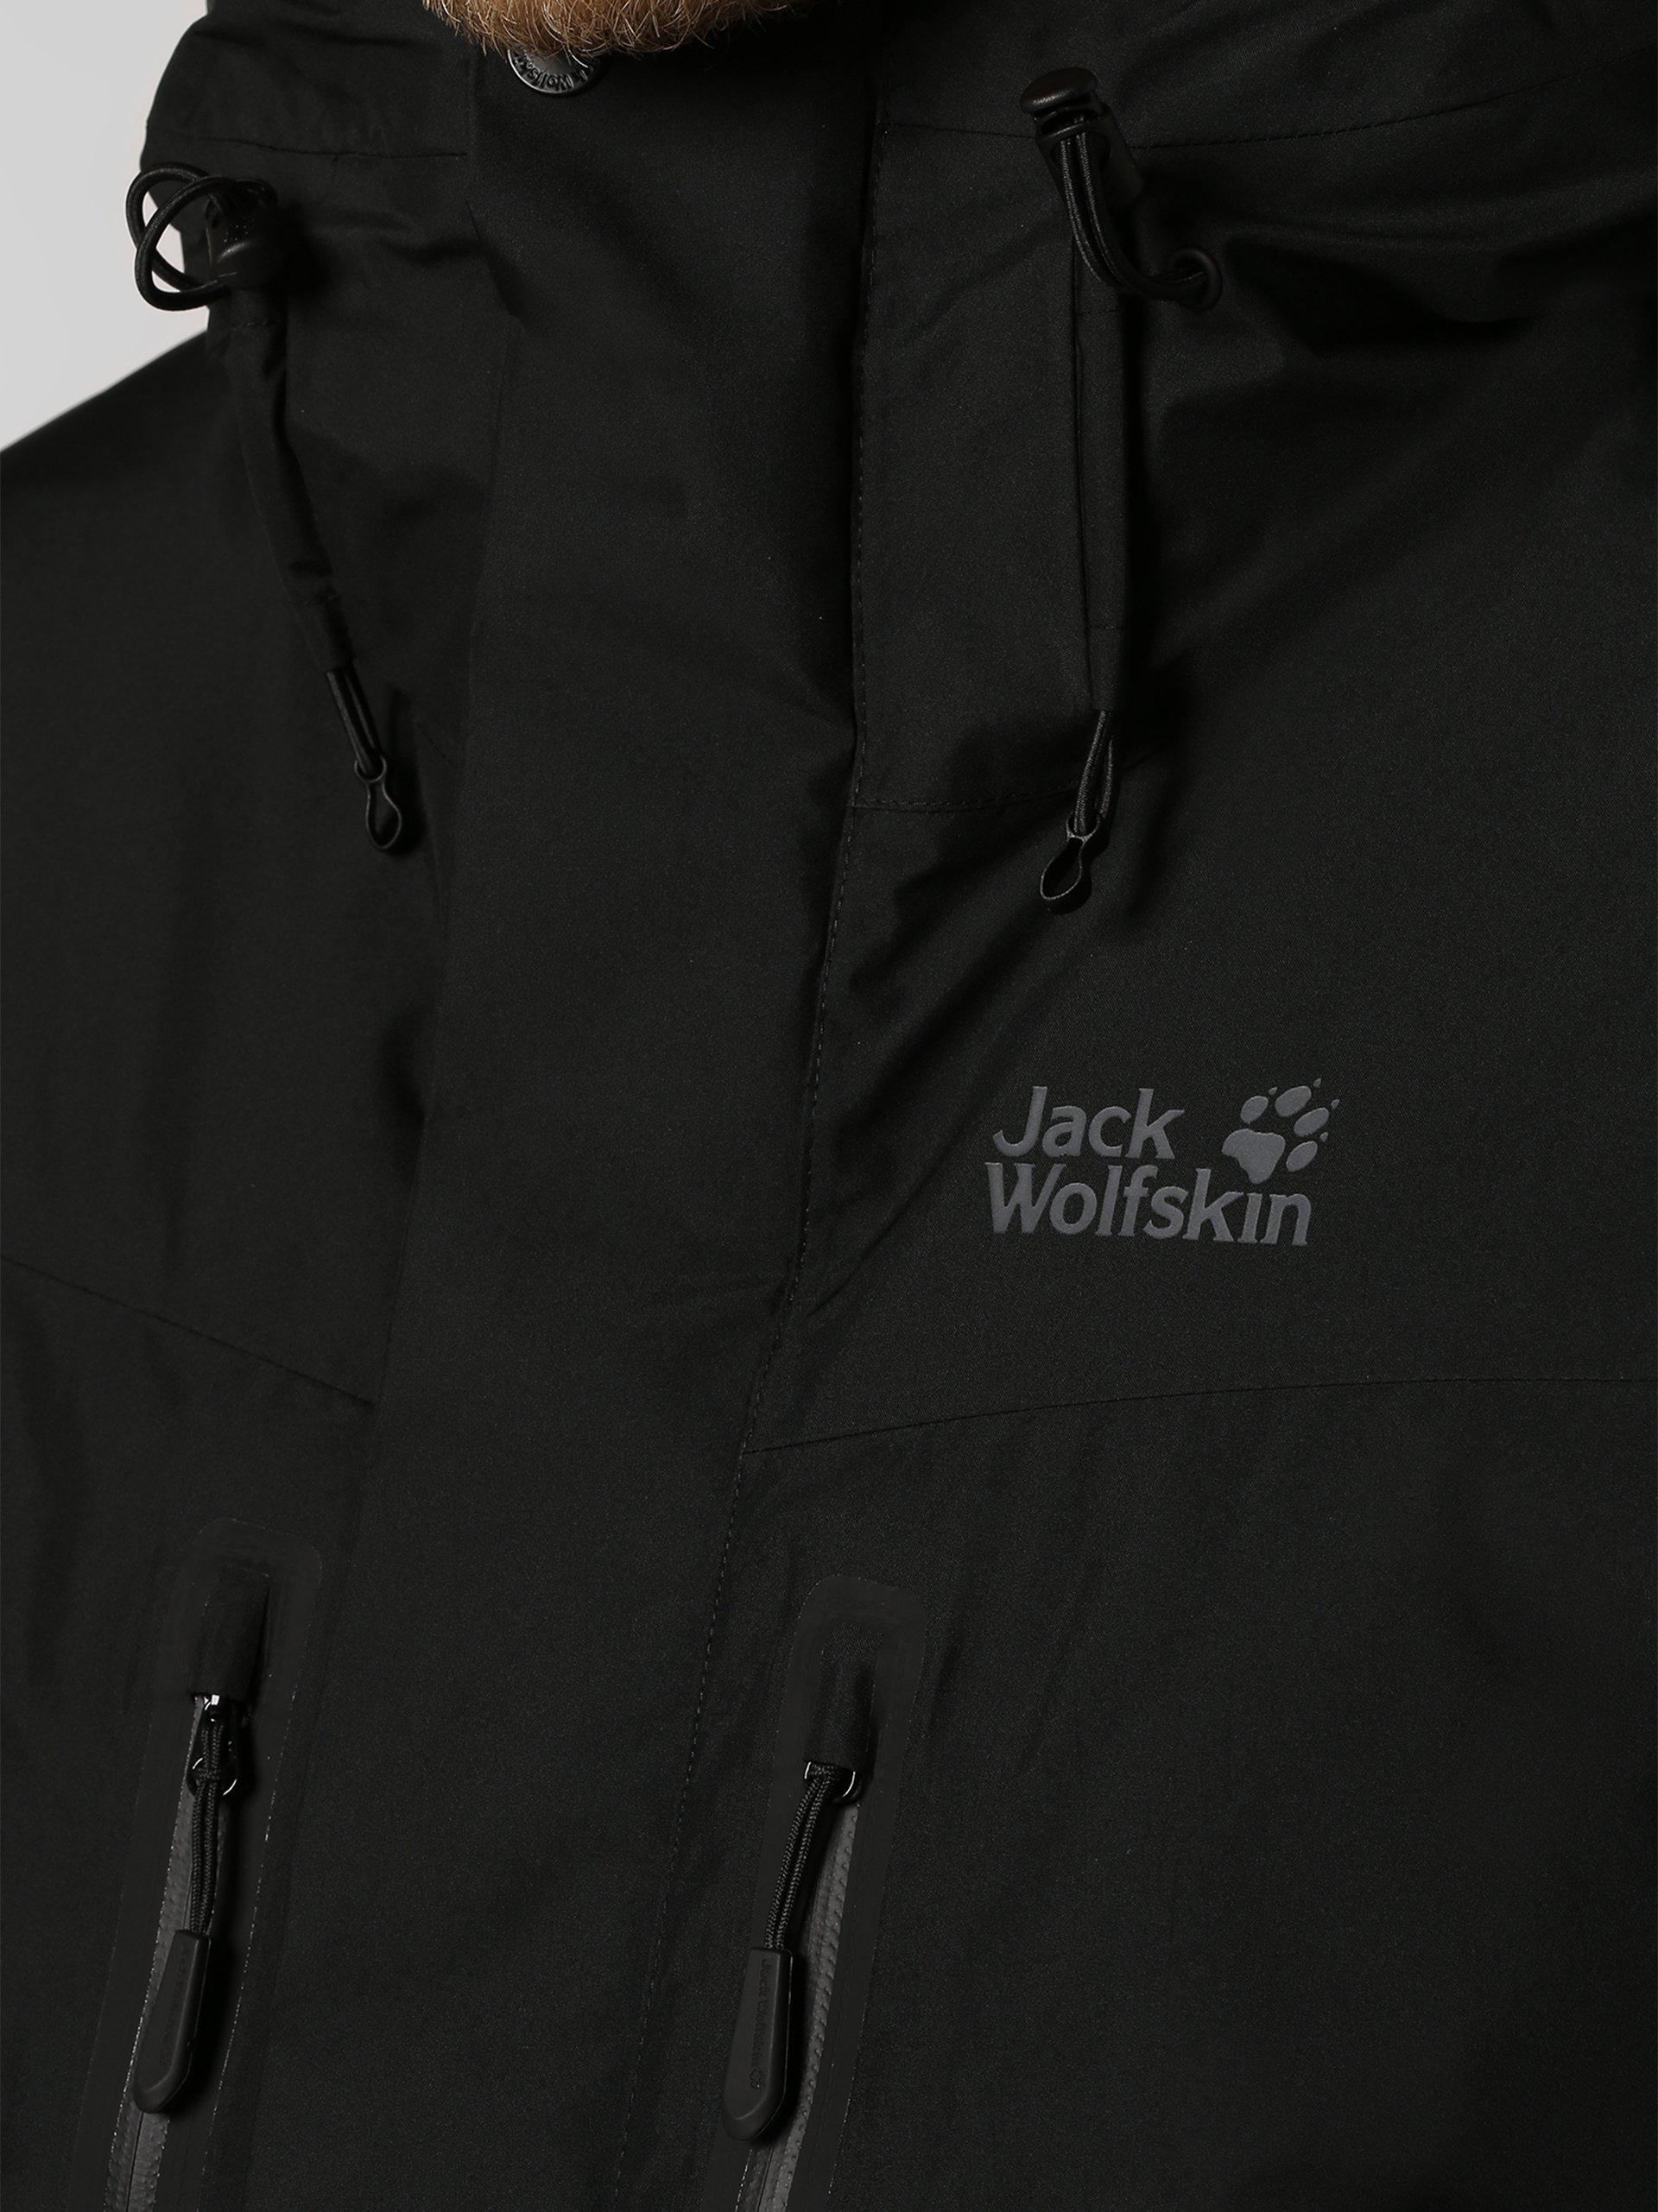 Jack Wolfskin Herren Daunenjacke